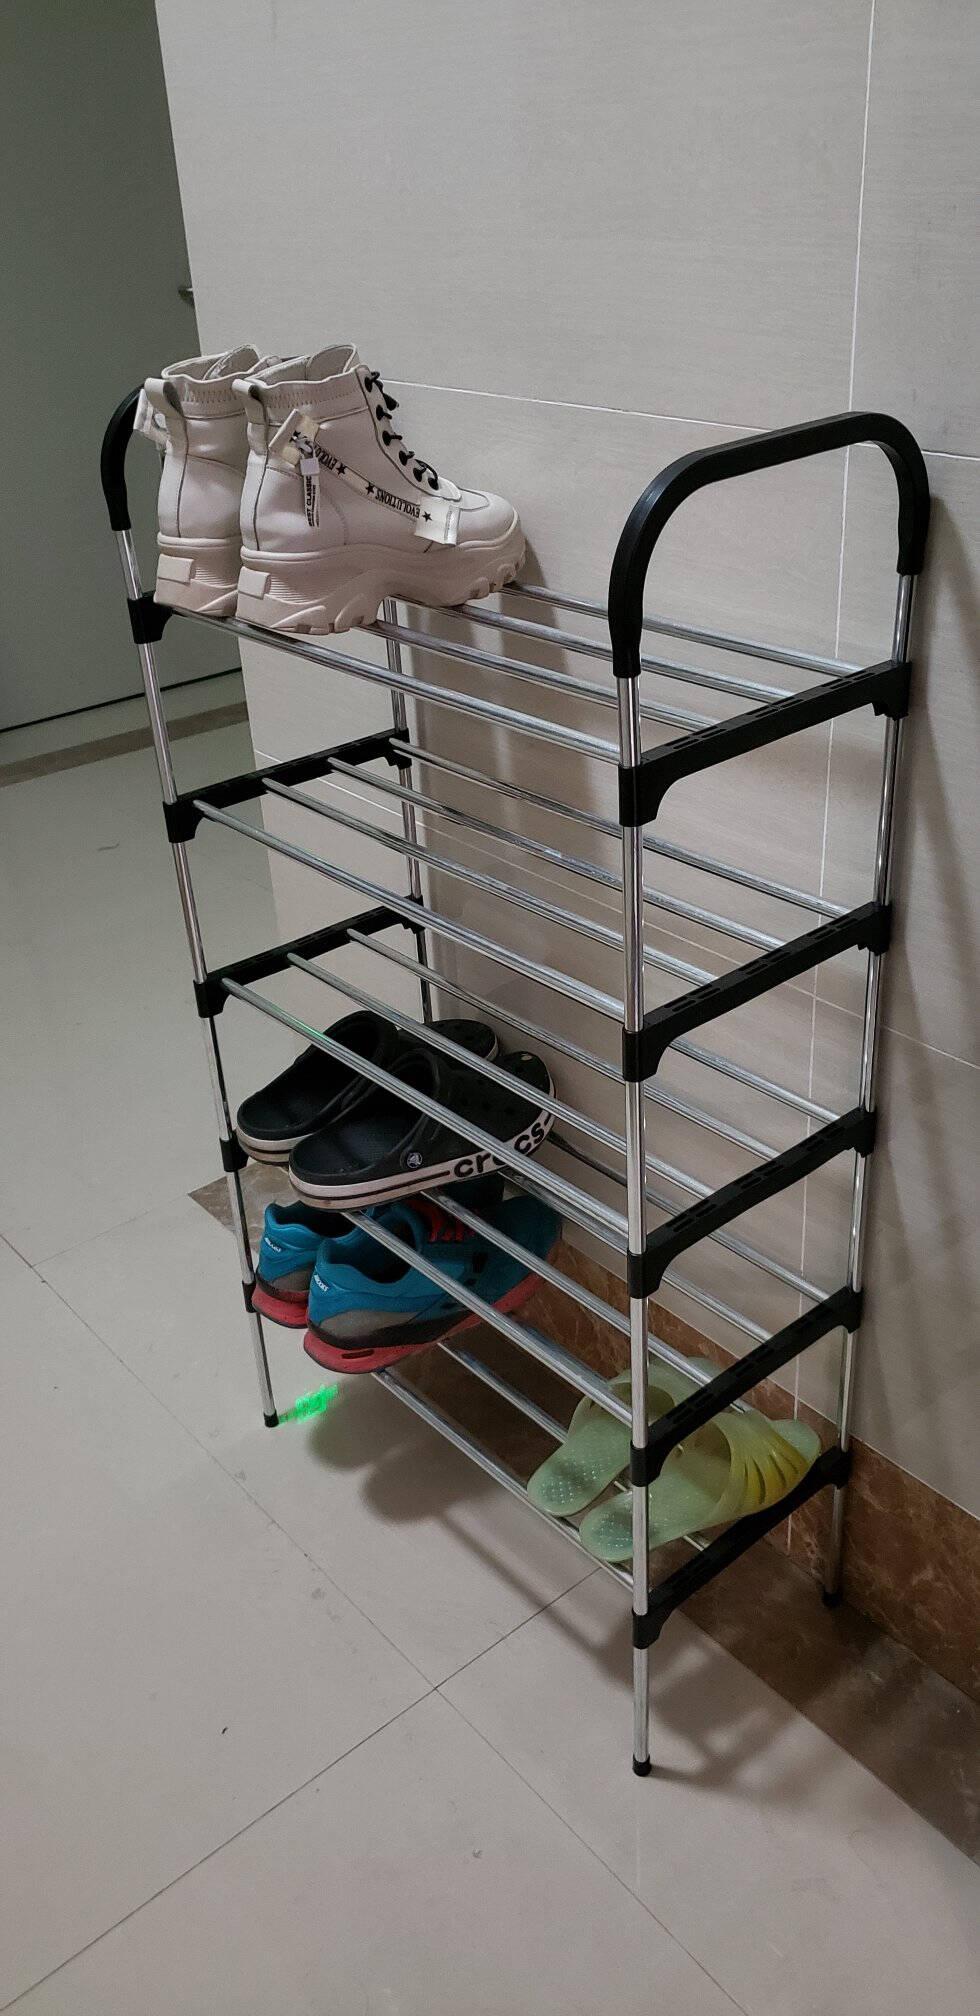 安尔雅简易塑料鞋架多层家用收纳柜鞋柜组装宿舍鞋架子